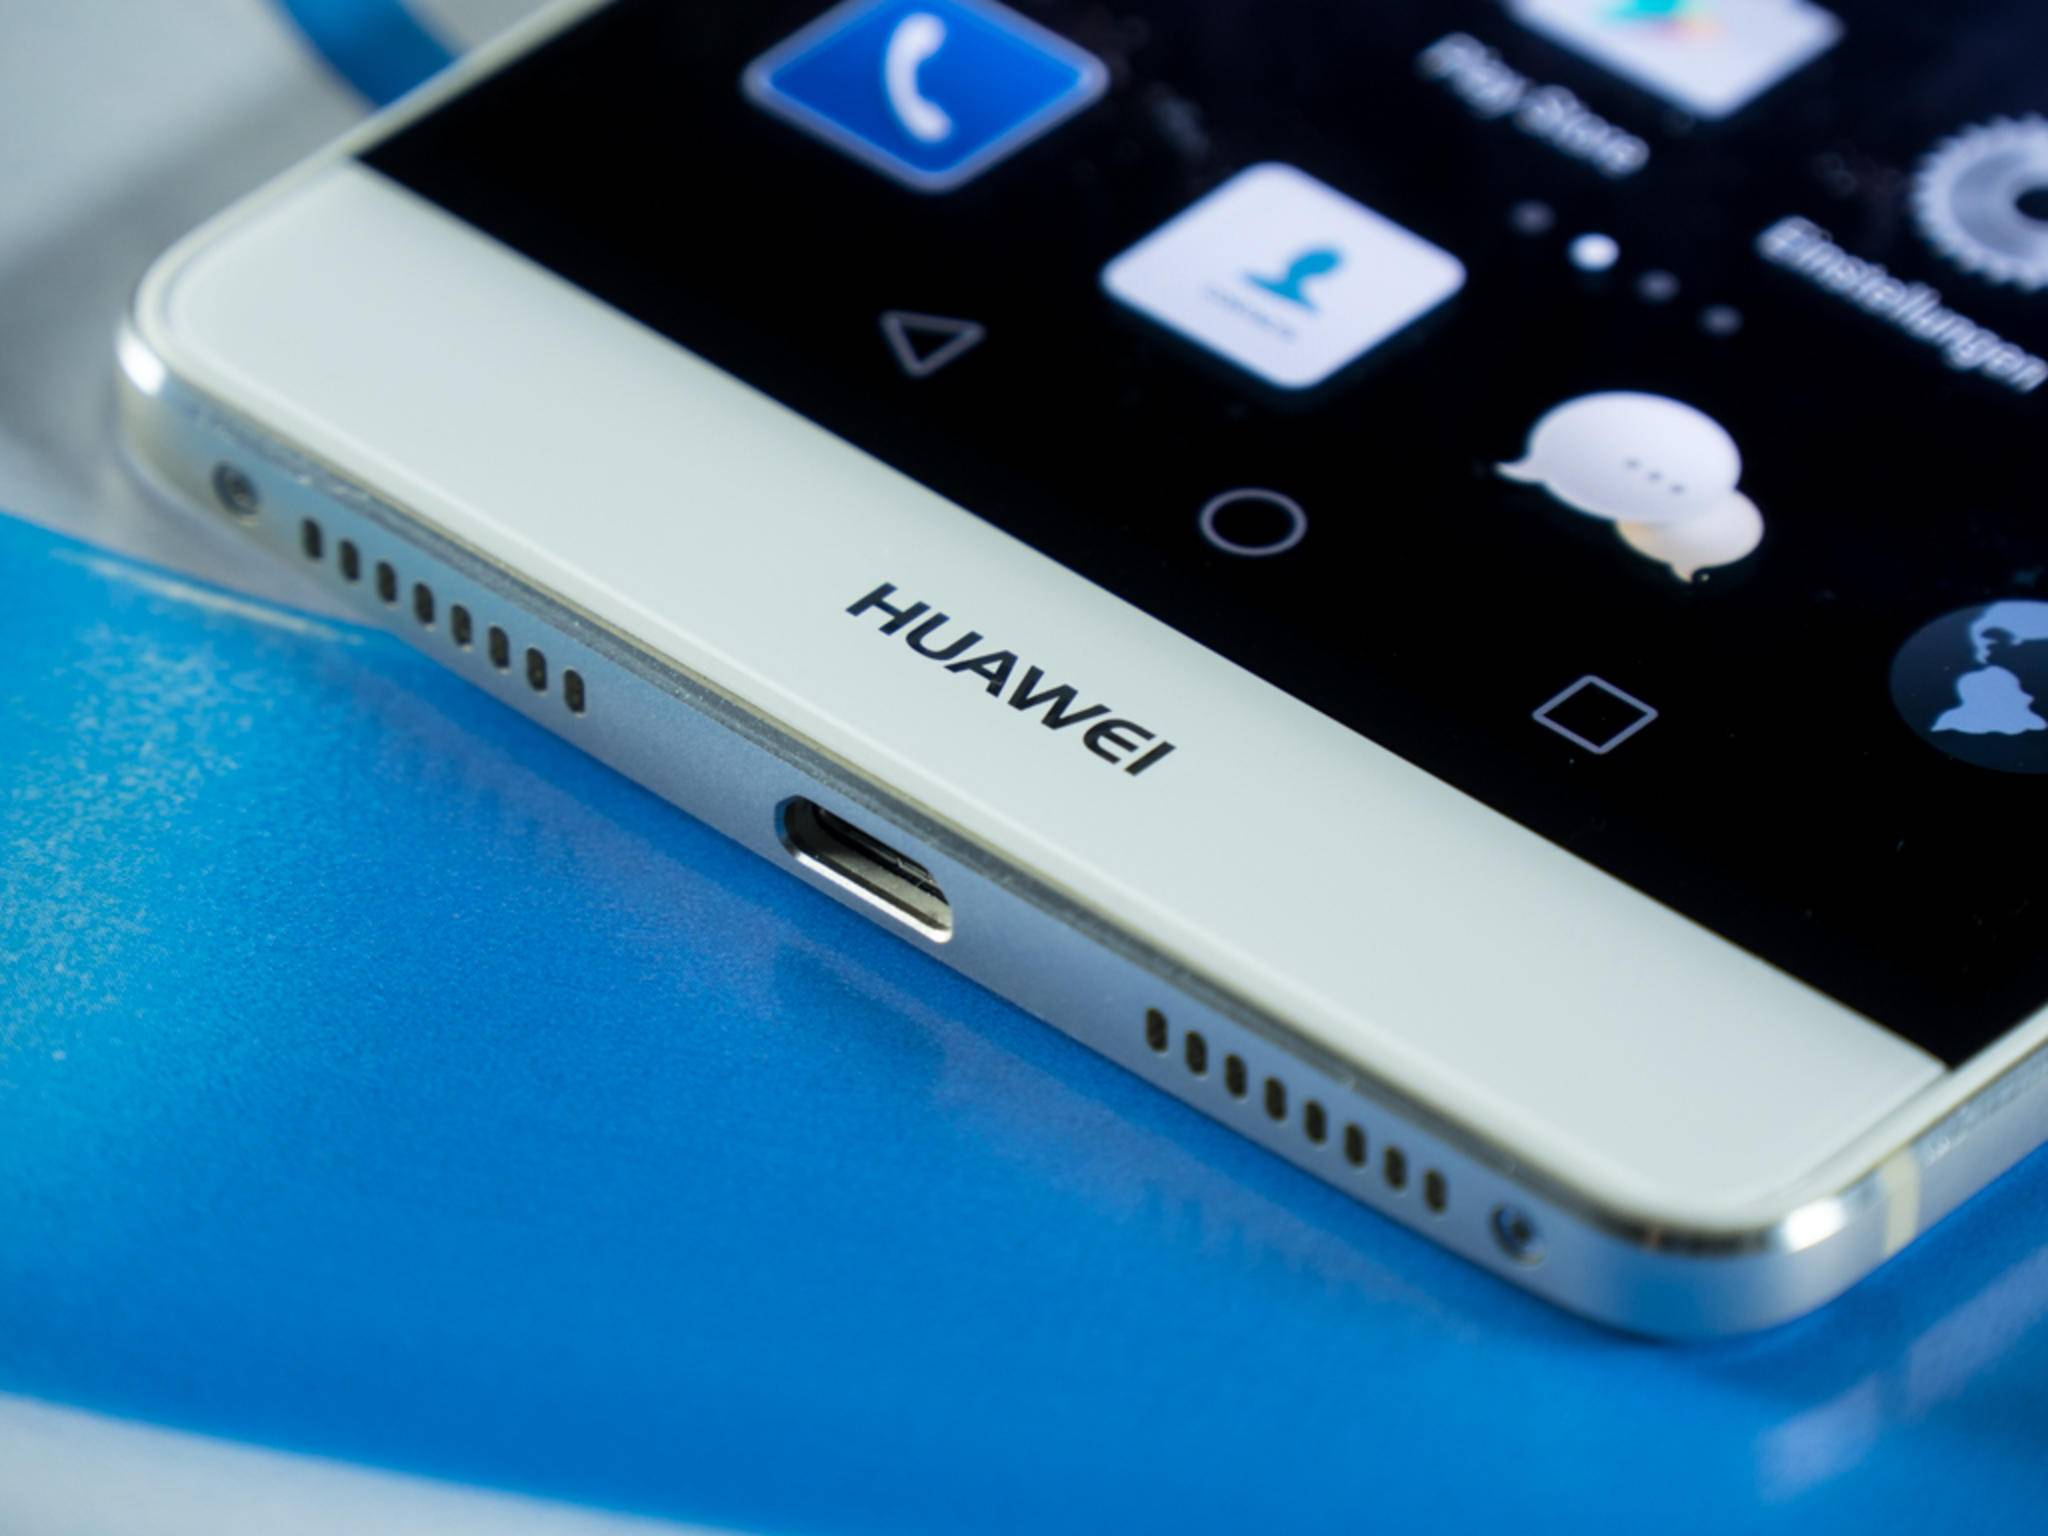 Wird Huawei in sein Mate 8 auch die Force-Touch-Technik aus dem Mate S einbauen?